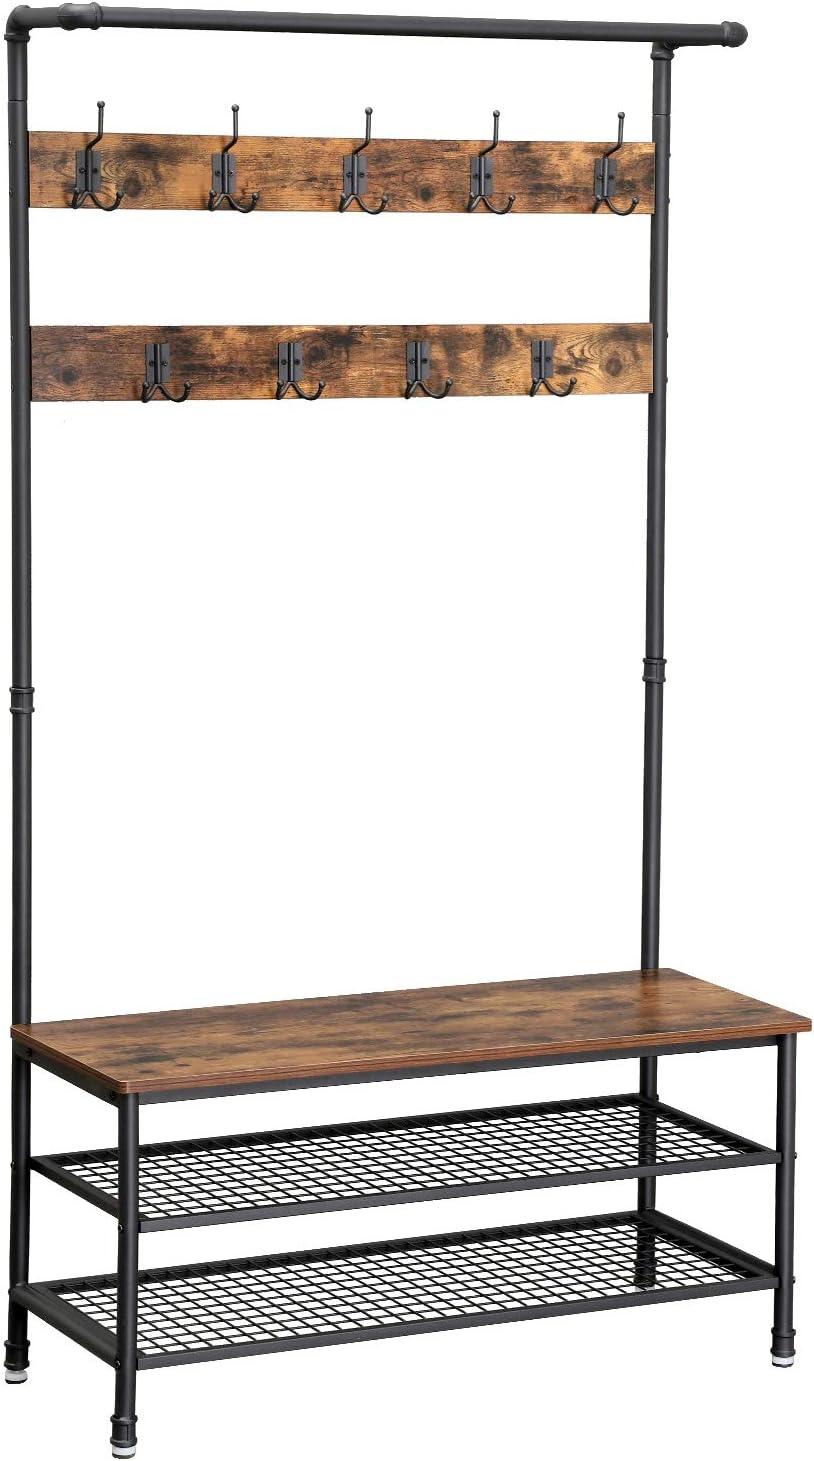 mueble recibidor industrial con perchero y zapatero